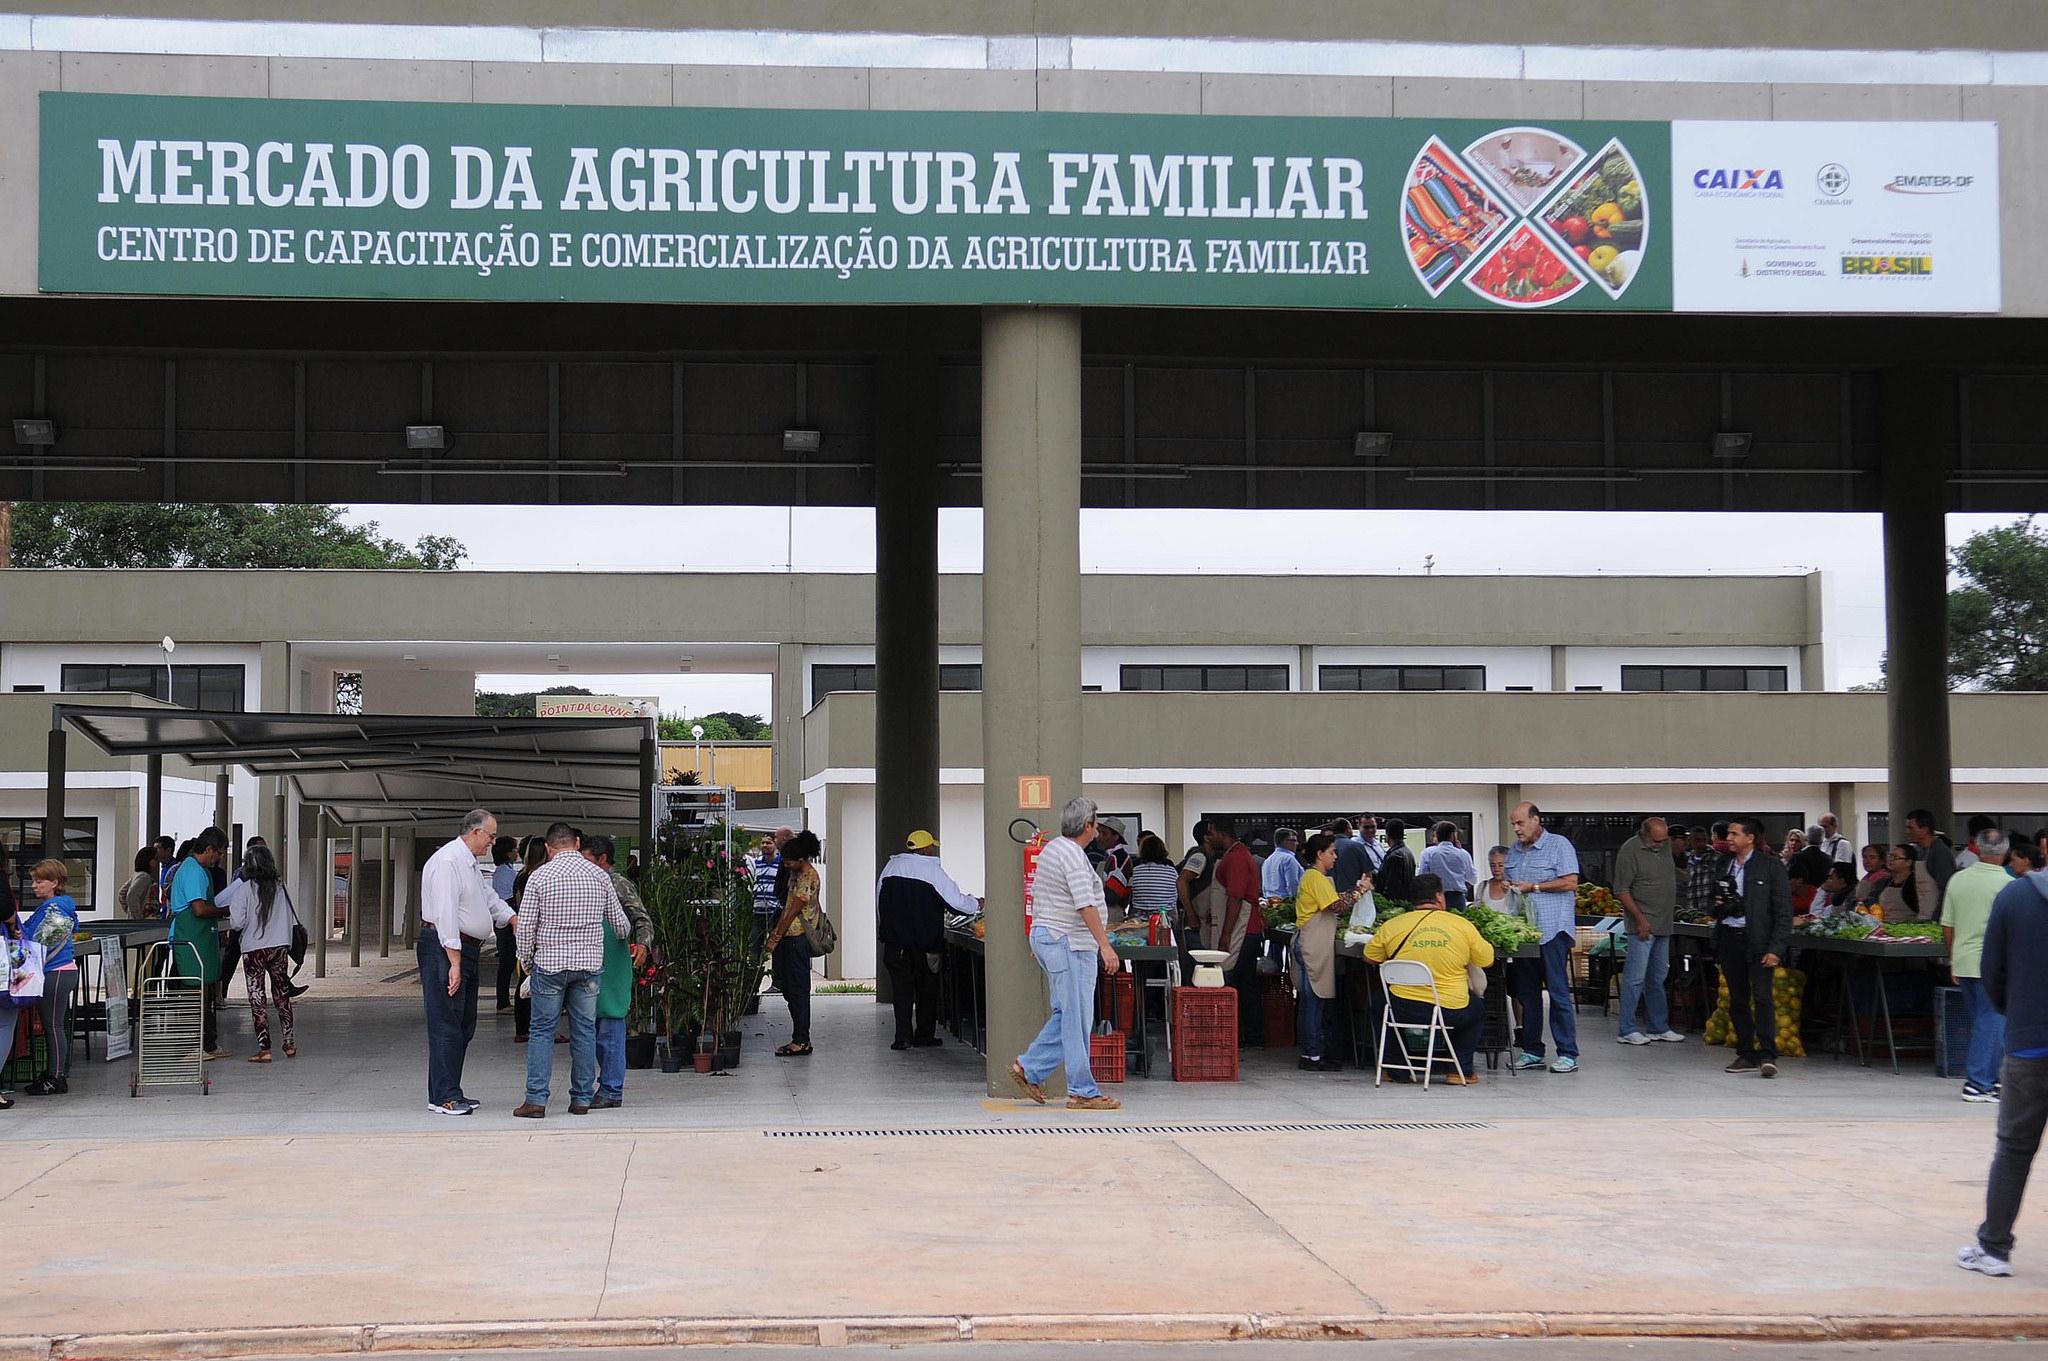 Implantado, em 2015, o Centro de Capacitação e Comercialização da Agricultura Familiar - CCC, na Ceasa.  <ul>     <li>Em 2015, foram comercializados R$ 960 mil, com 300 produtores familiares associados</li>     <li>Em 2016, foram comercializados R$ 1,44 milhão, com 600 produtores familiares associados.</li>     <li>Em 2017, foram comercializados R$ 2,2 milhões, com 2.500 produtores familiares associados.</li>     <li>Em 2018, foram comercializados R$ 2,8 milhões, com 3.000 produtores familiares associados.</li><br> </ul> Iniciativa compartilhada entre Secretaria de Agricultura, Emater e Ceasa.